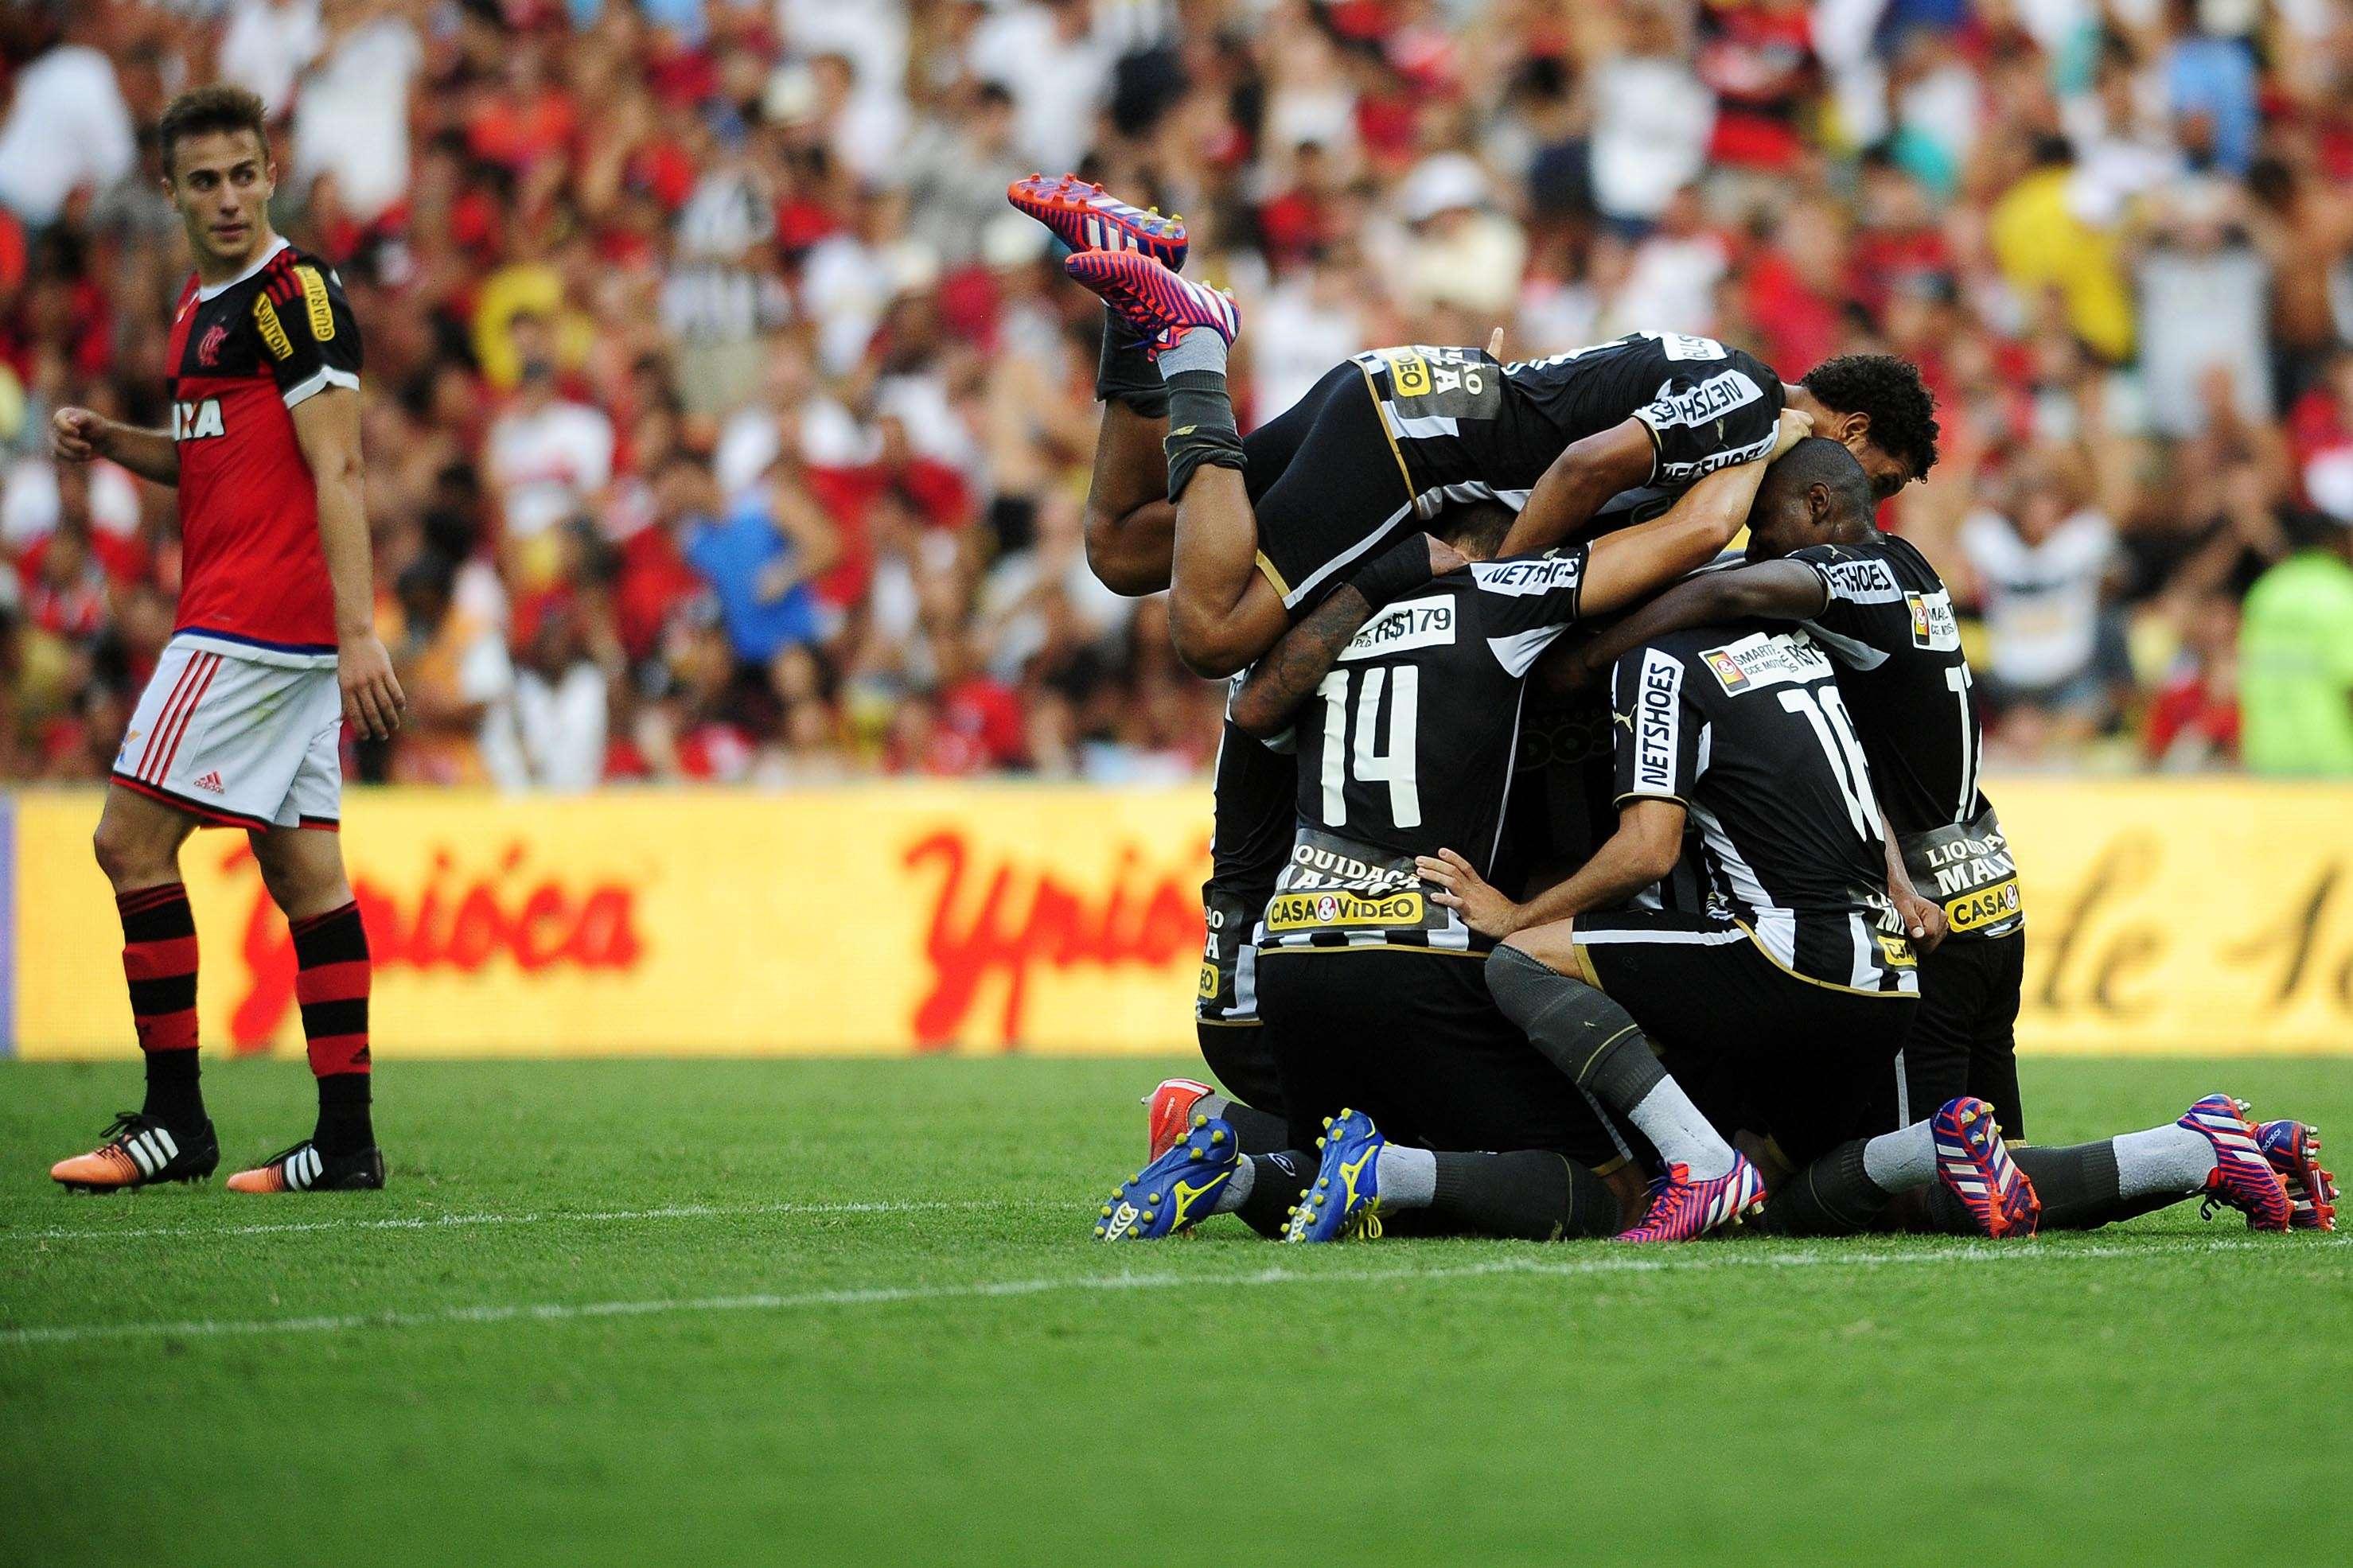 Botafogo venceu o Flamengo por 1 a 0 e voltou à liderança do Carioca Foto: Dhavid Normando/Futura Press